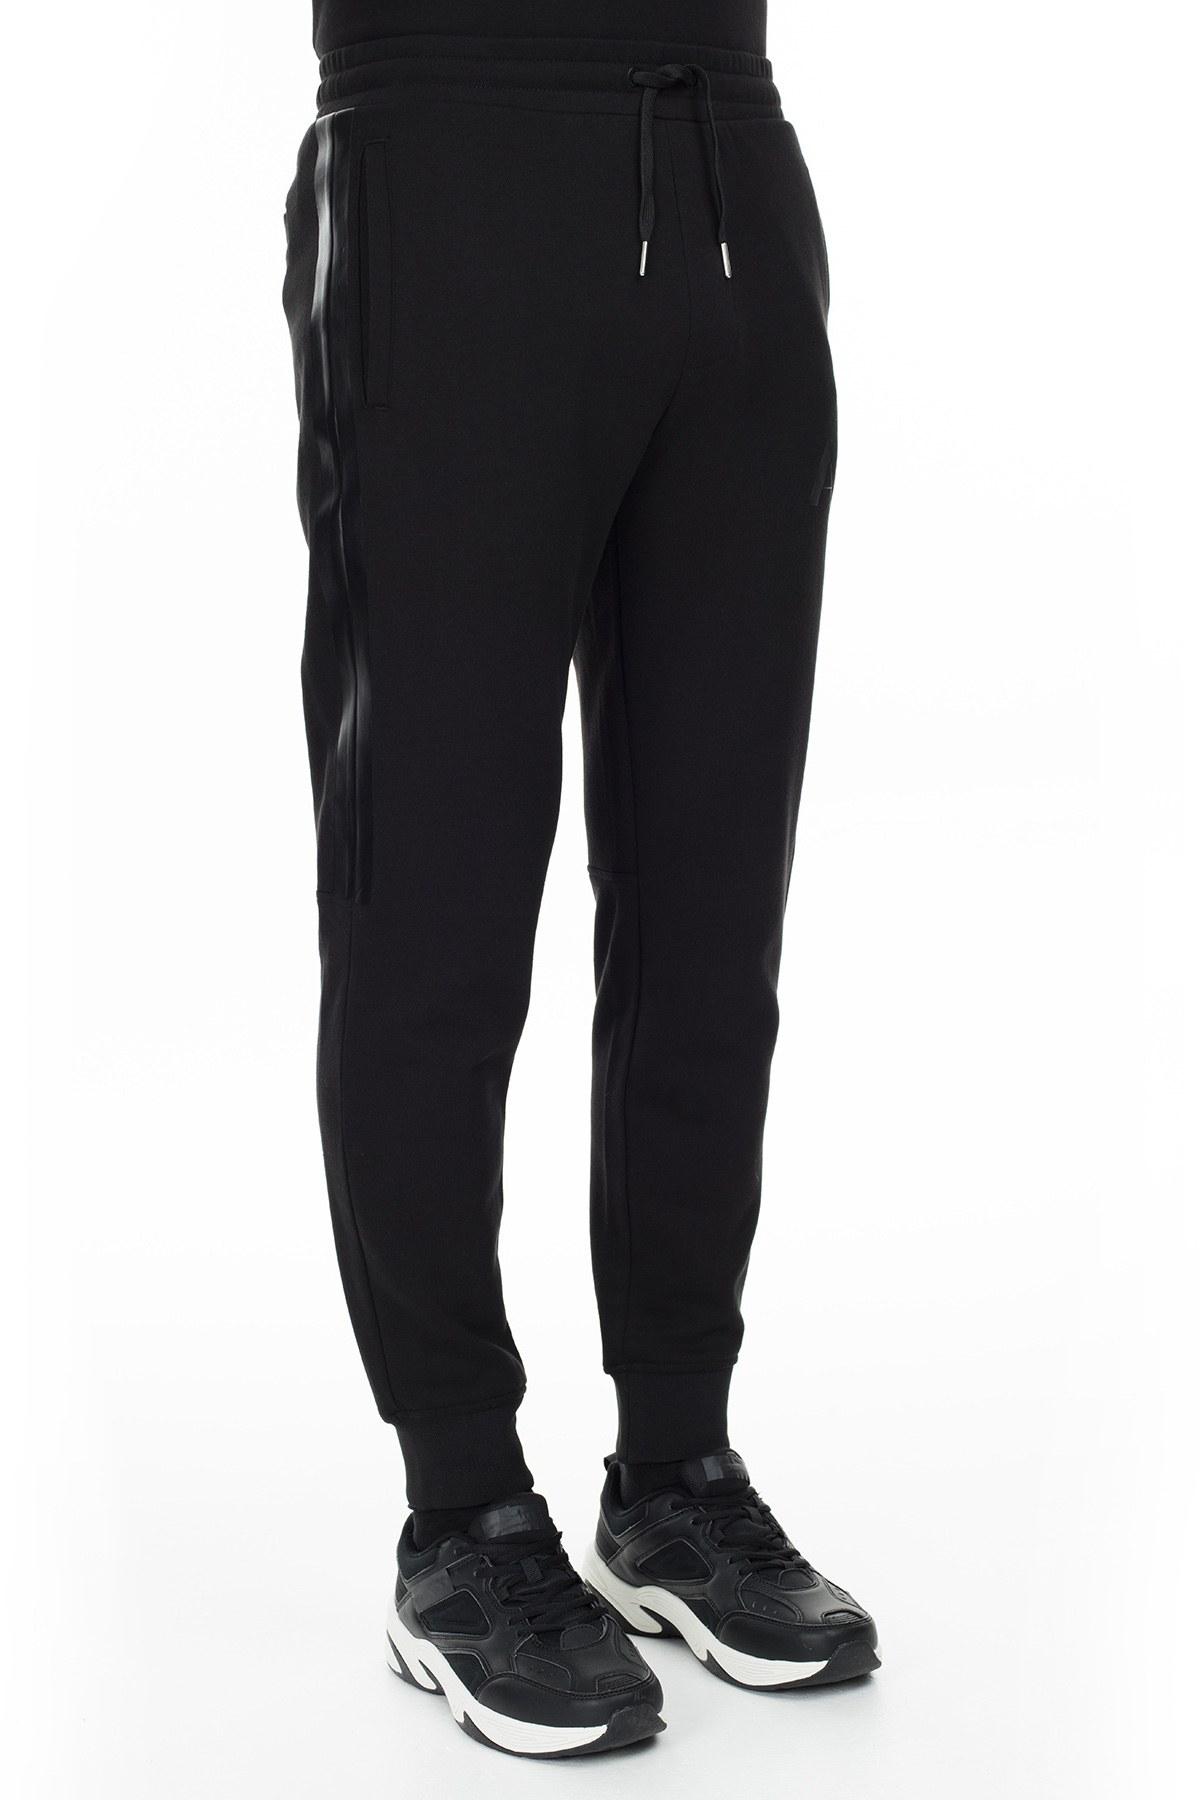 Armani Exchange Erkek Pantolon S 6GZPAH ZJ1PZ 1200 SİYAH